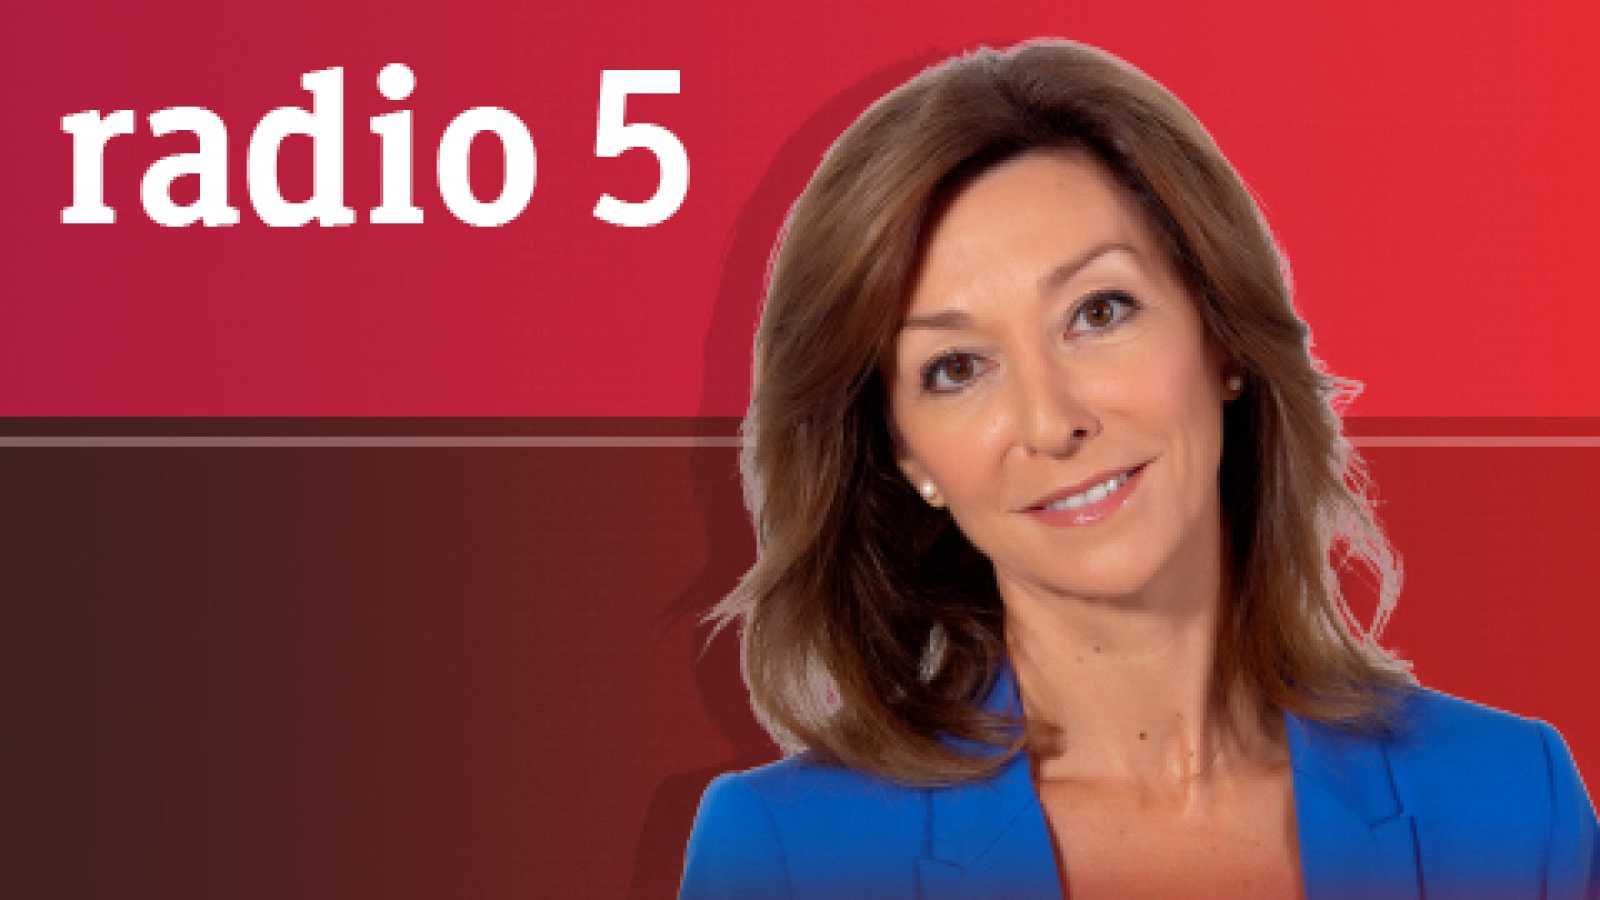 De película en Radio 5 - 'De Película' no se quita el traje de gala - 05/03/21 - Escuchar ahora